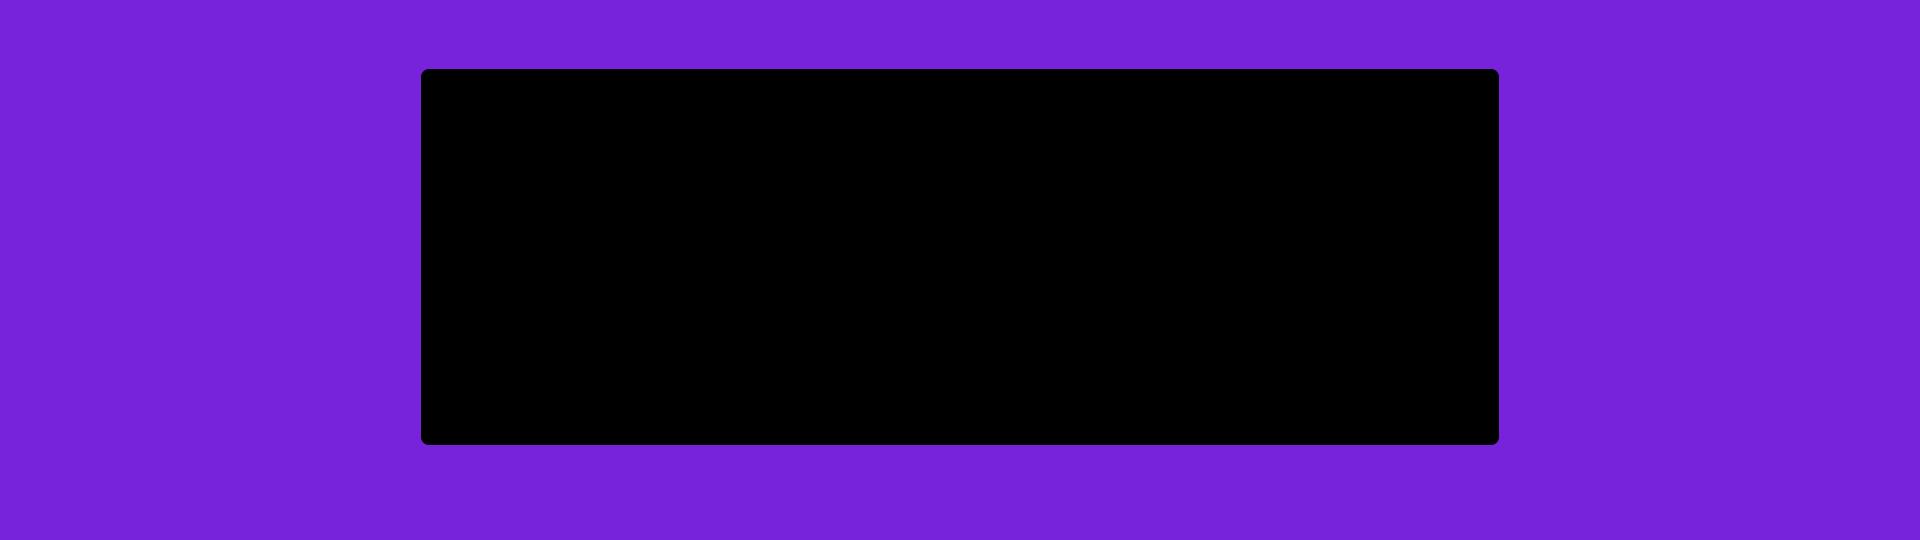 CATEGORY-TEMTUK-30TLINDIRIM-13-08